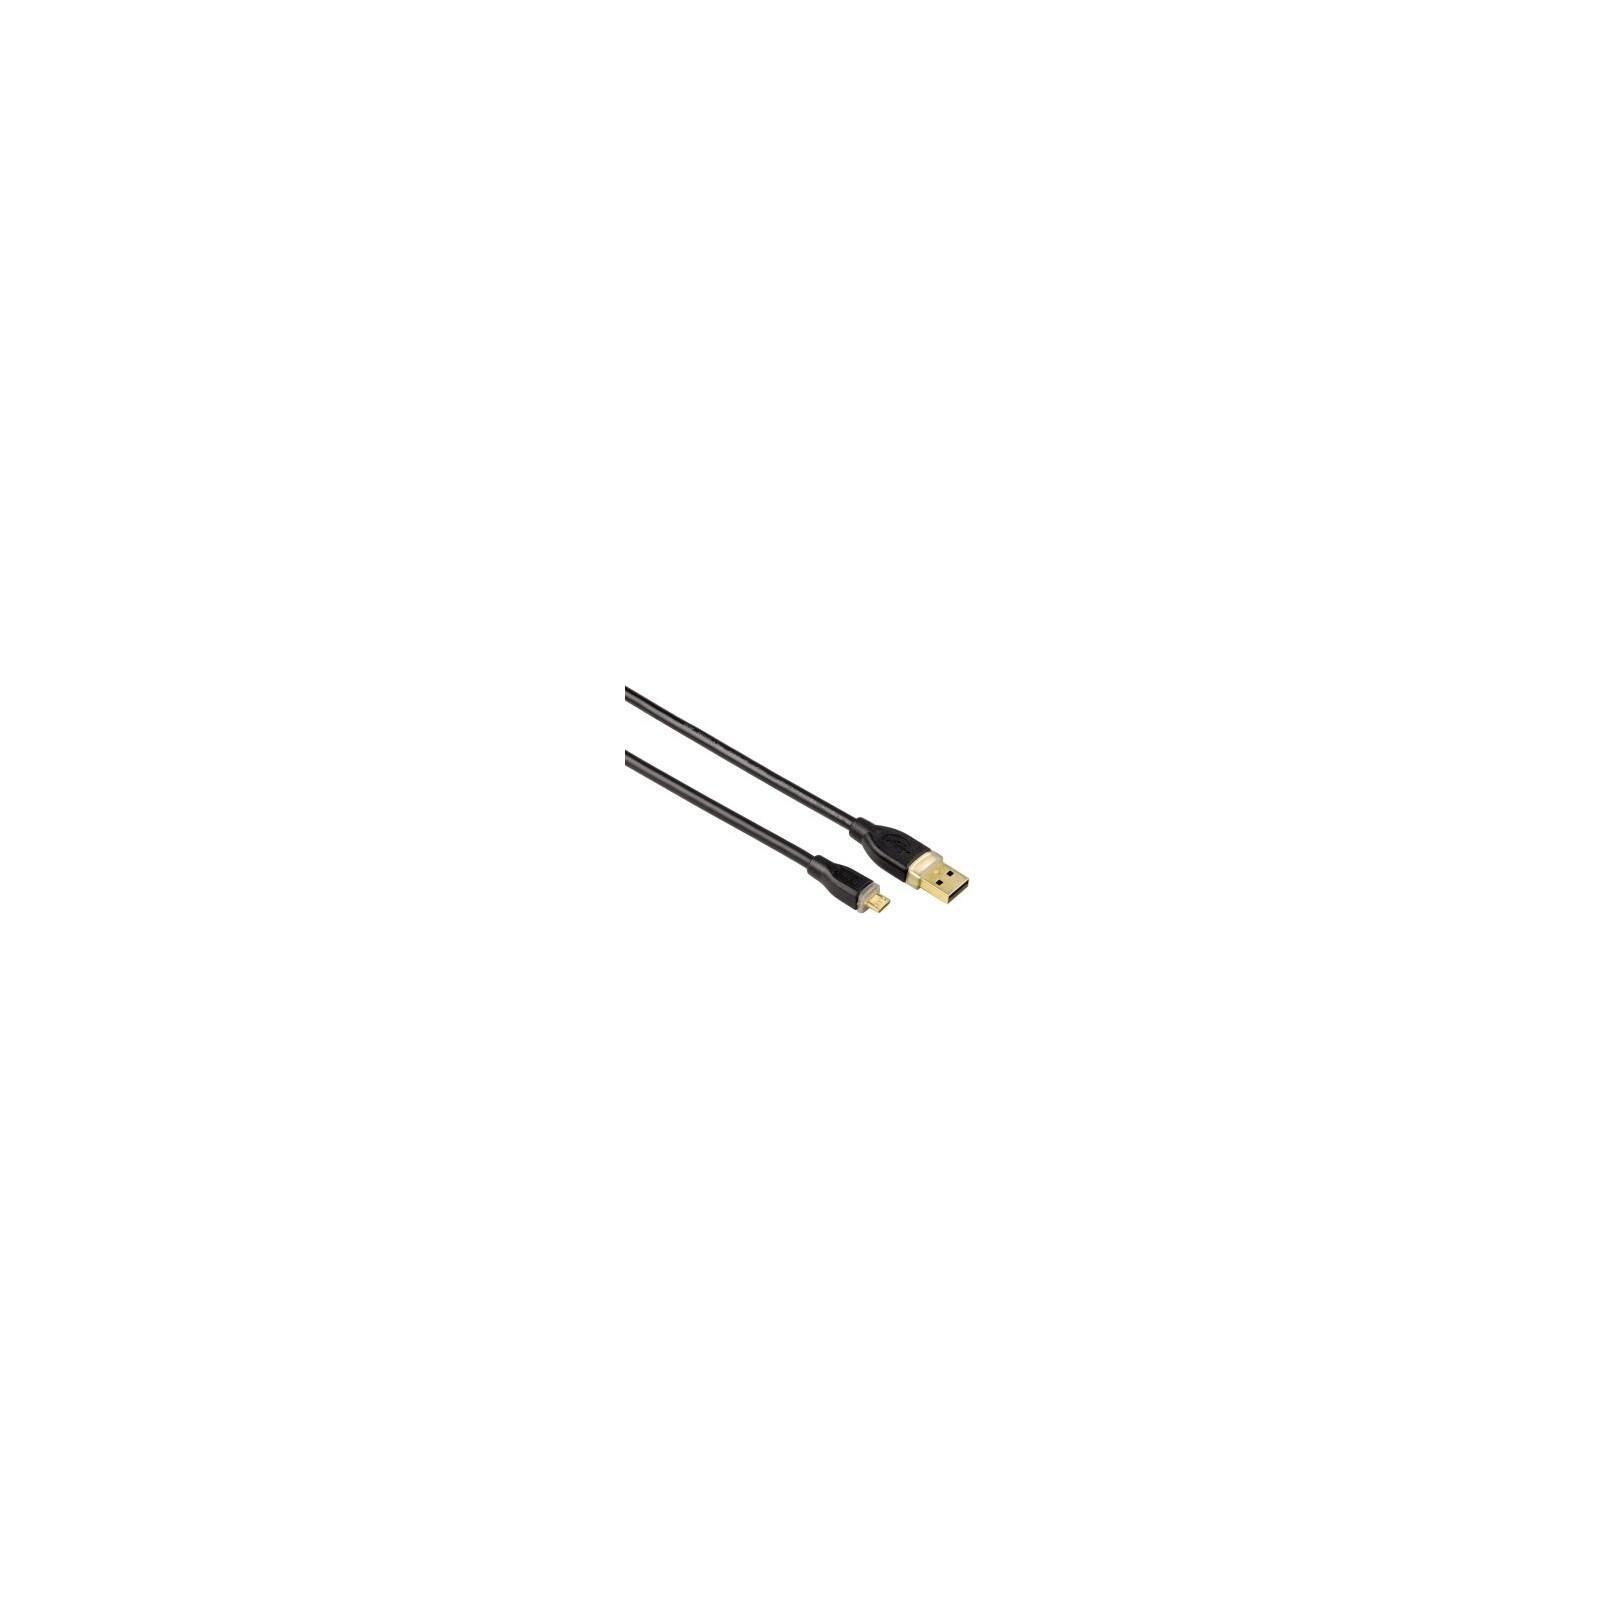 Hama 78419 Micro-USB-2.0 Kabel, vergoldet, doppelt geschirmt